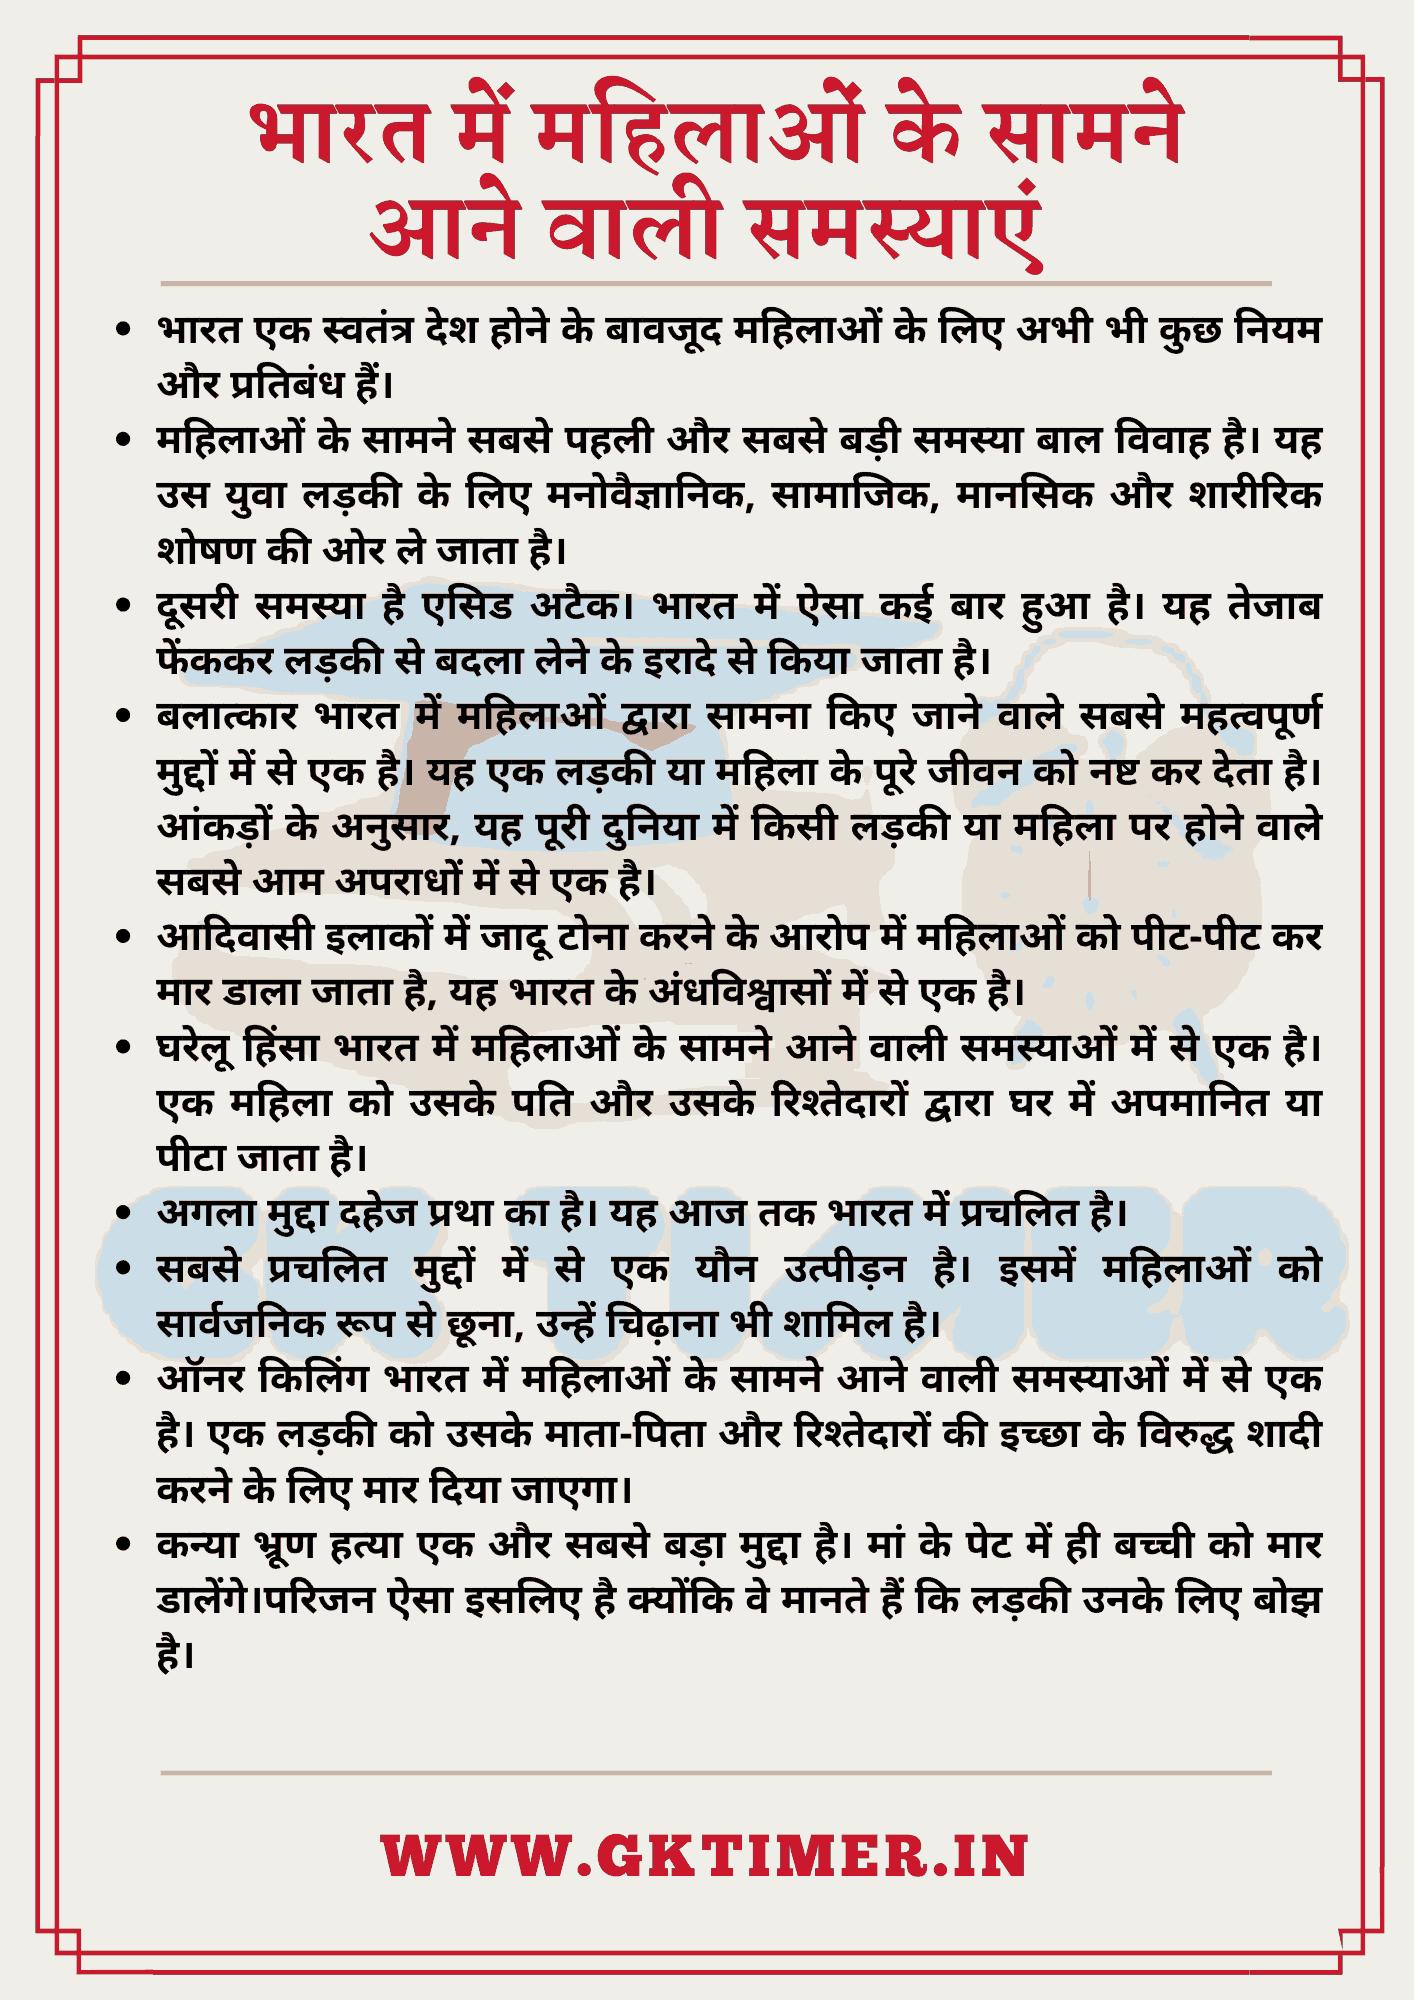 भारत में महिलाओं के सामने आने वाली समस्याओं पर निबंध | Essay on Problems Faced by Women in India in Hindi | 10 Lines on Problems faced by Women in India in Hindi